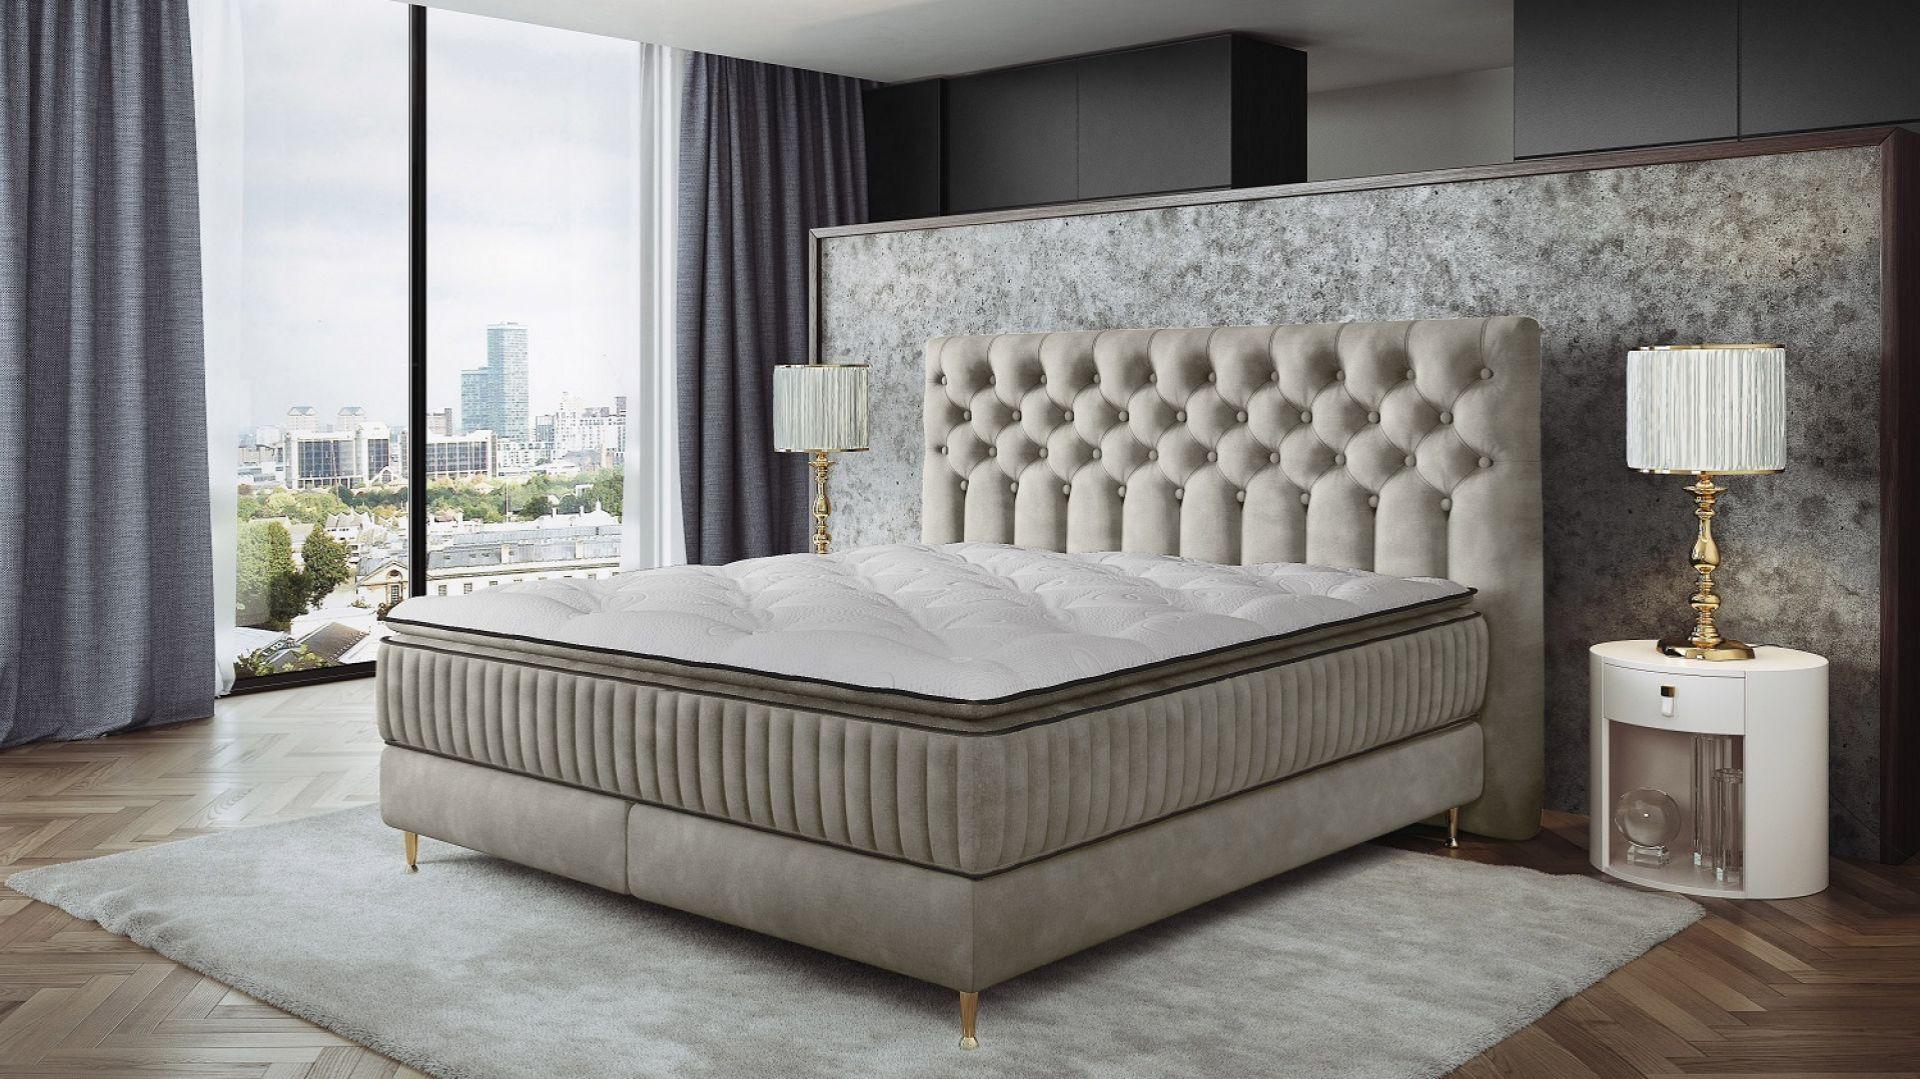 Łóżko tapicerowane z kolekcji Astoria dostępne w ofercie marki Comforteo. Fot. Comforteo